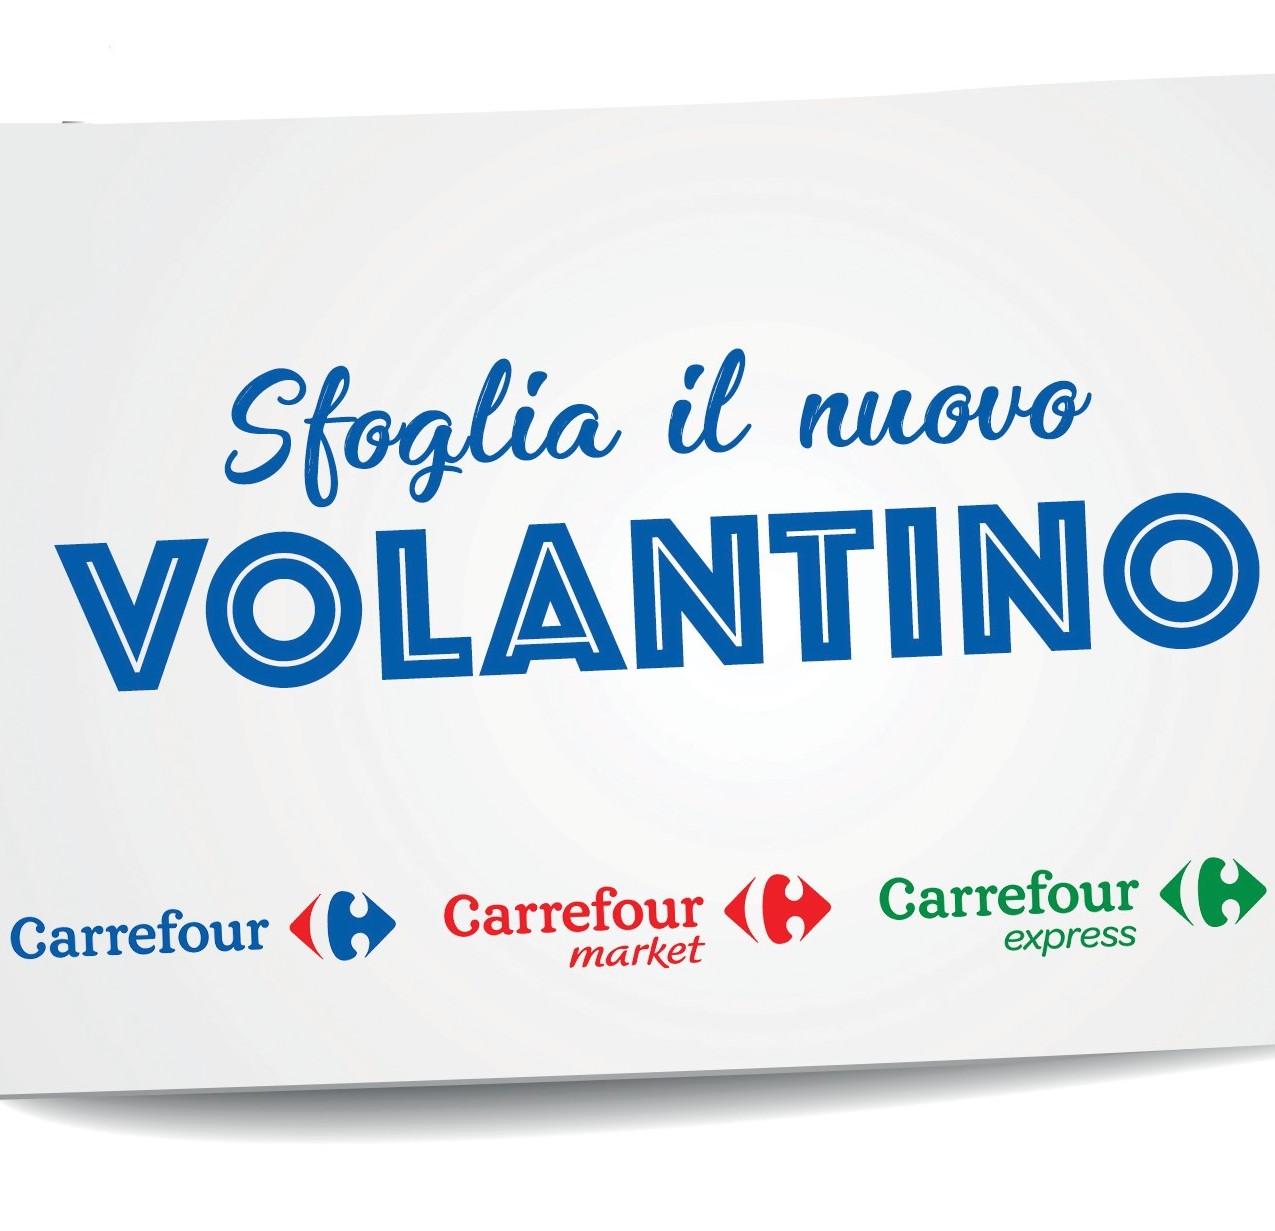 Carrefour: Volantino